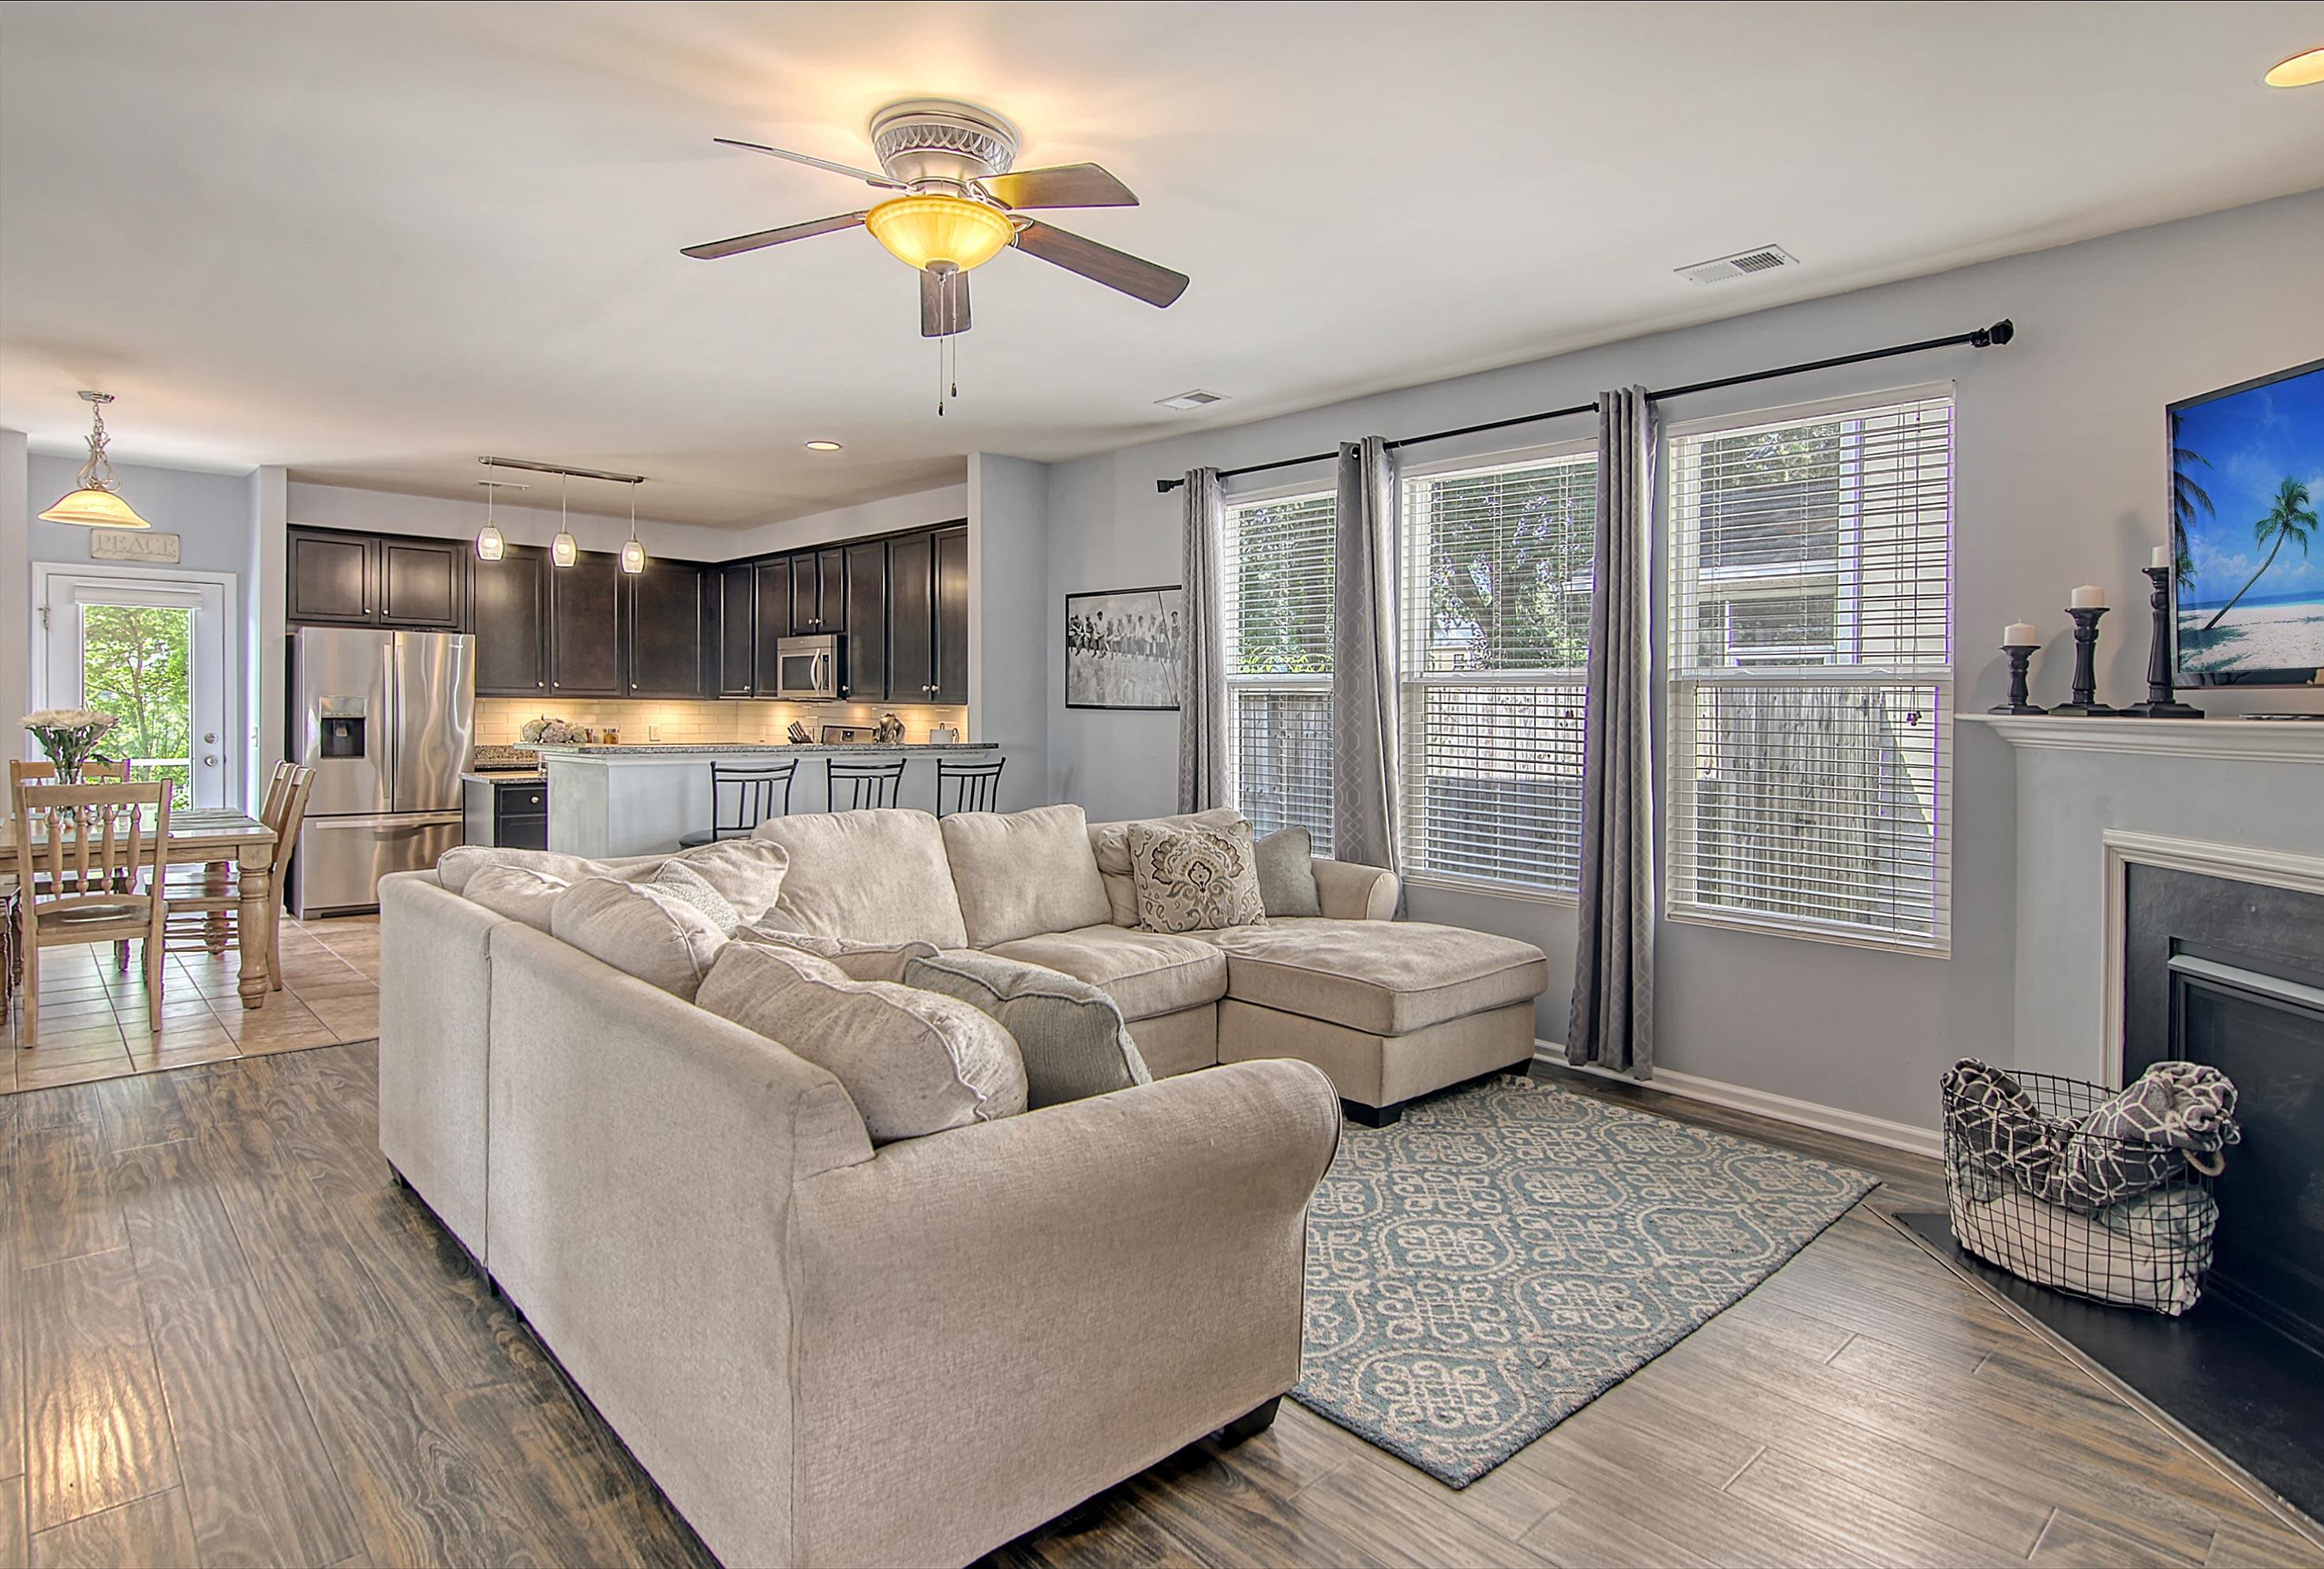 Lieben Park Homes For Sale - 3598 Franklin Tower, Mount Pleasant, SC - 34